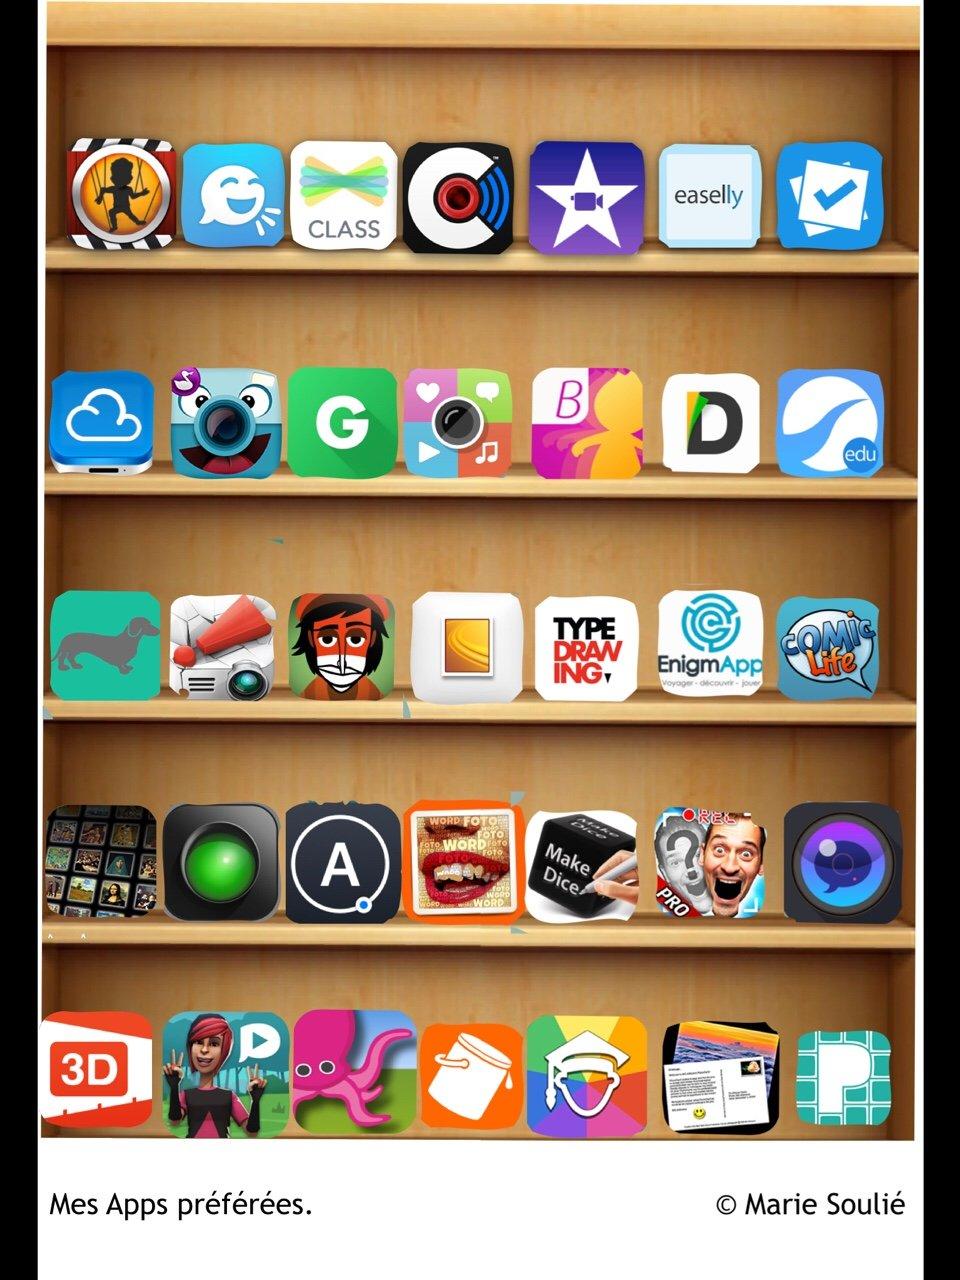 Mes apps préférées by Marie Soulie